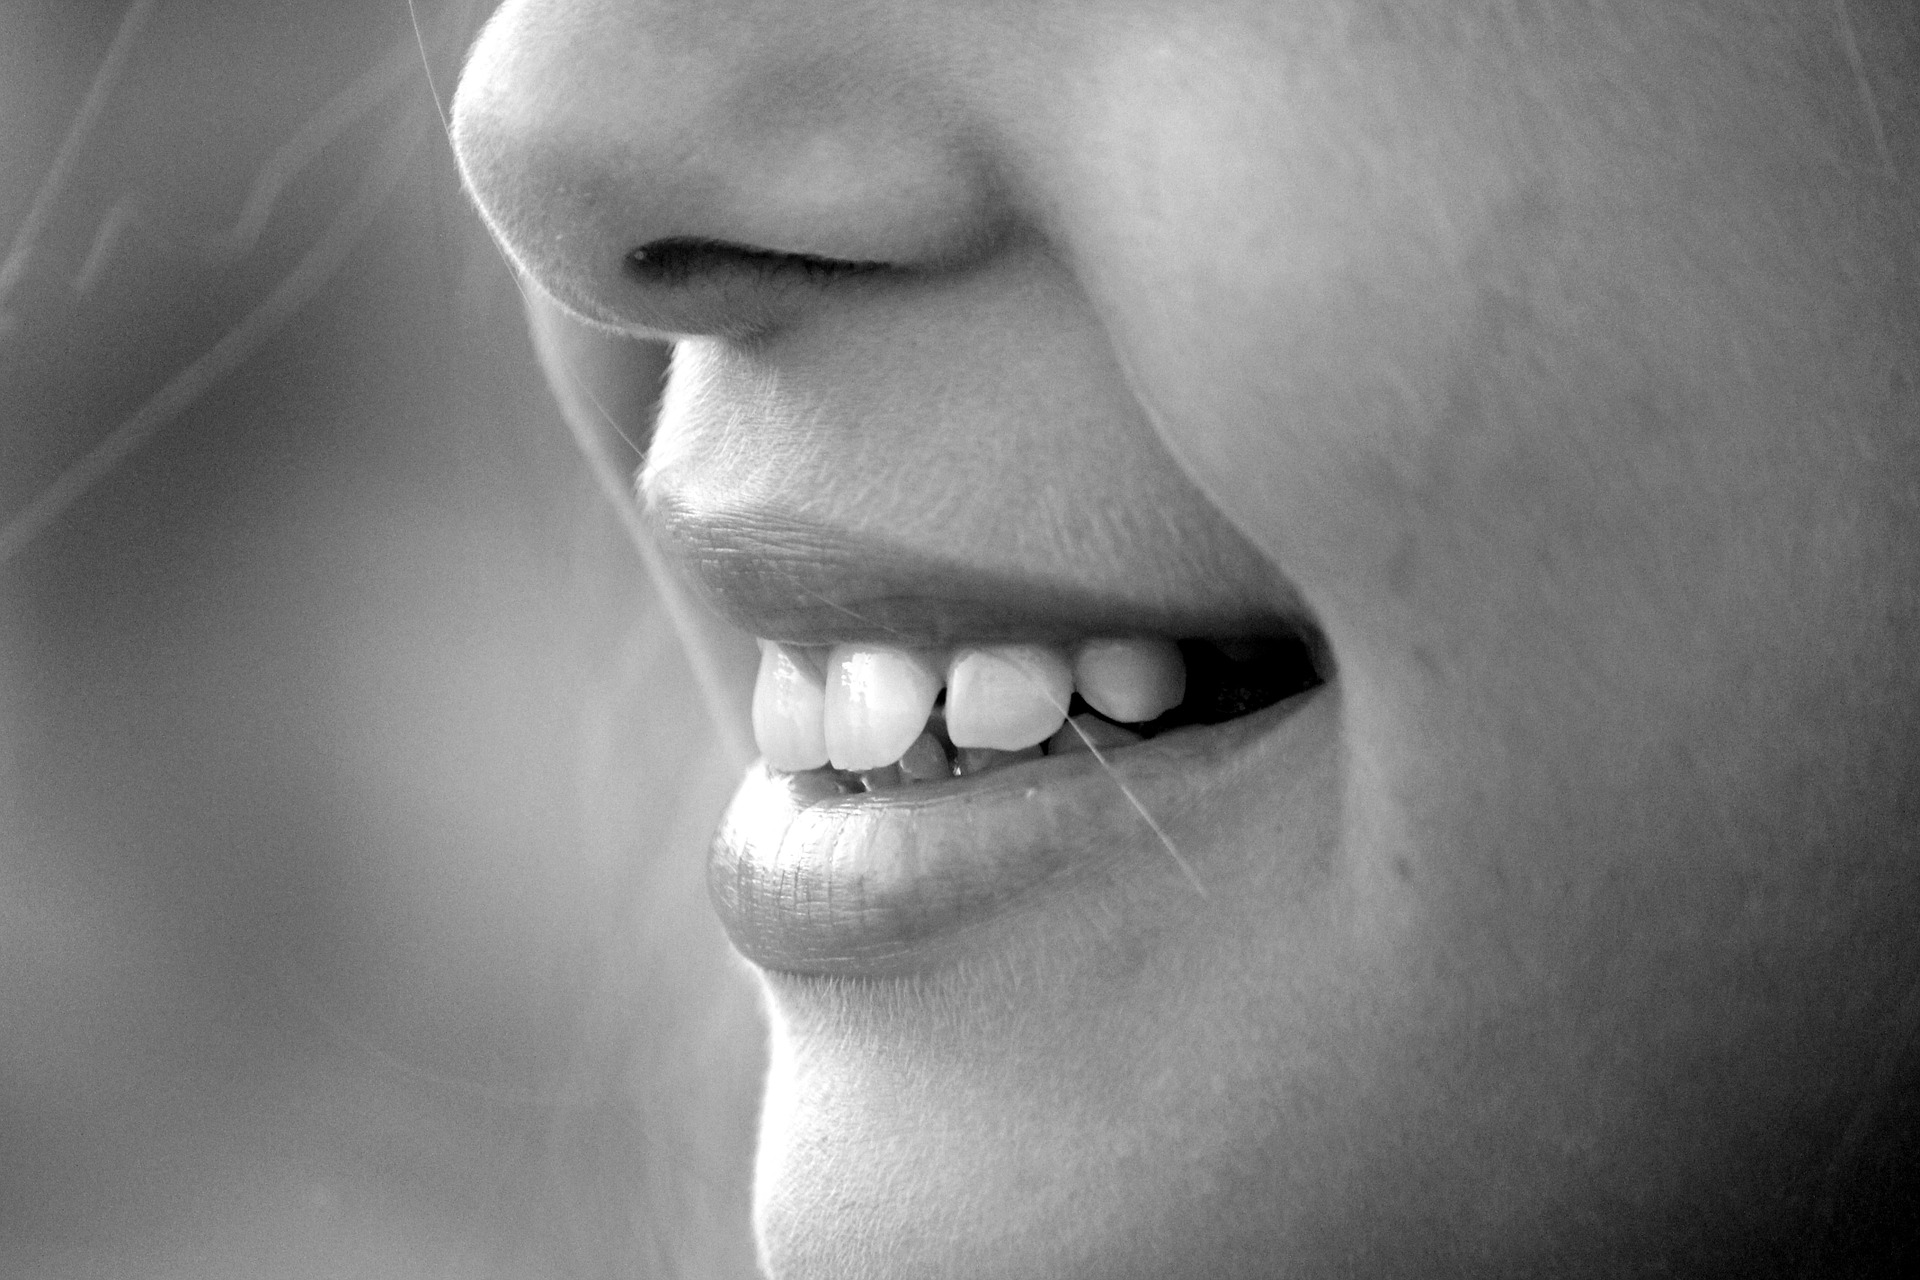 kista rongga mulut